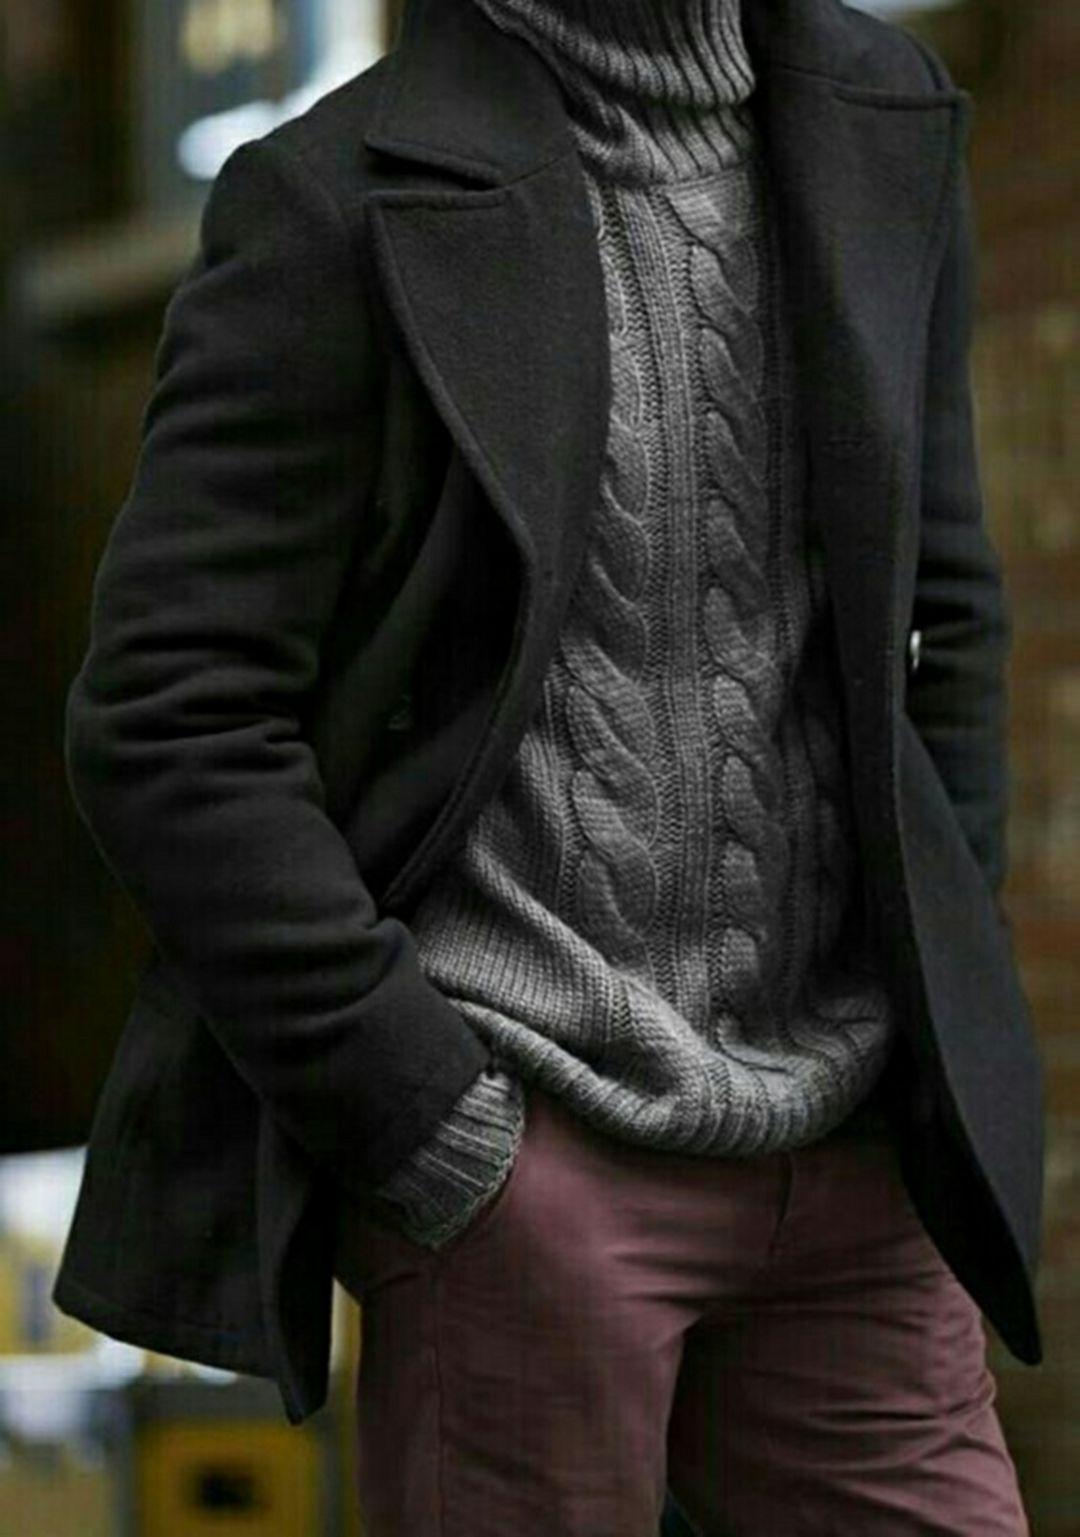 30+ Best Turtleneck Shirt Ideas For Men Look More Handsome